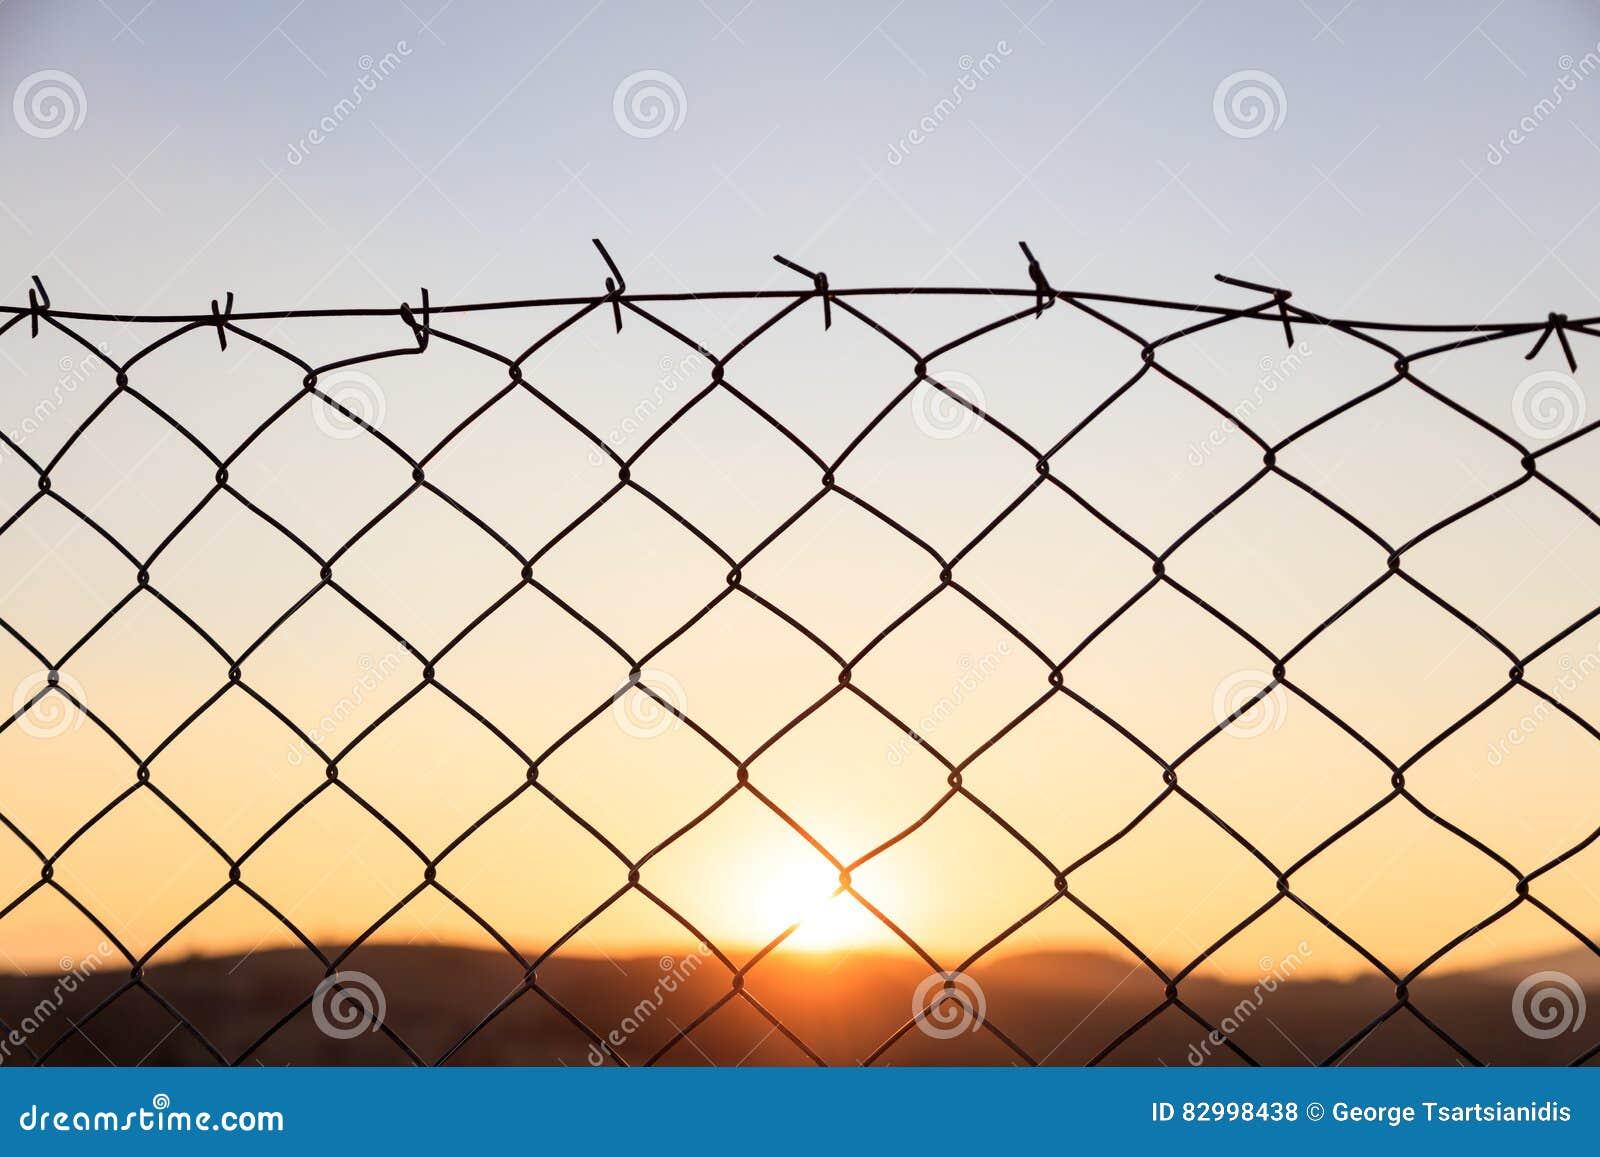 Maschendrahtzaun Auf Einem Sonnenunterganghintergrund Stockfoto ...